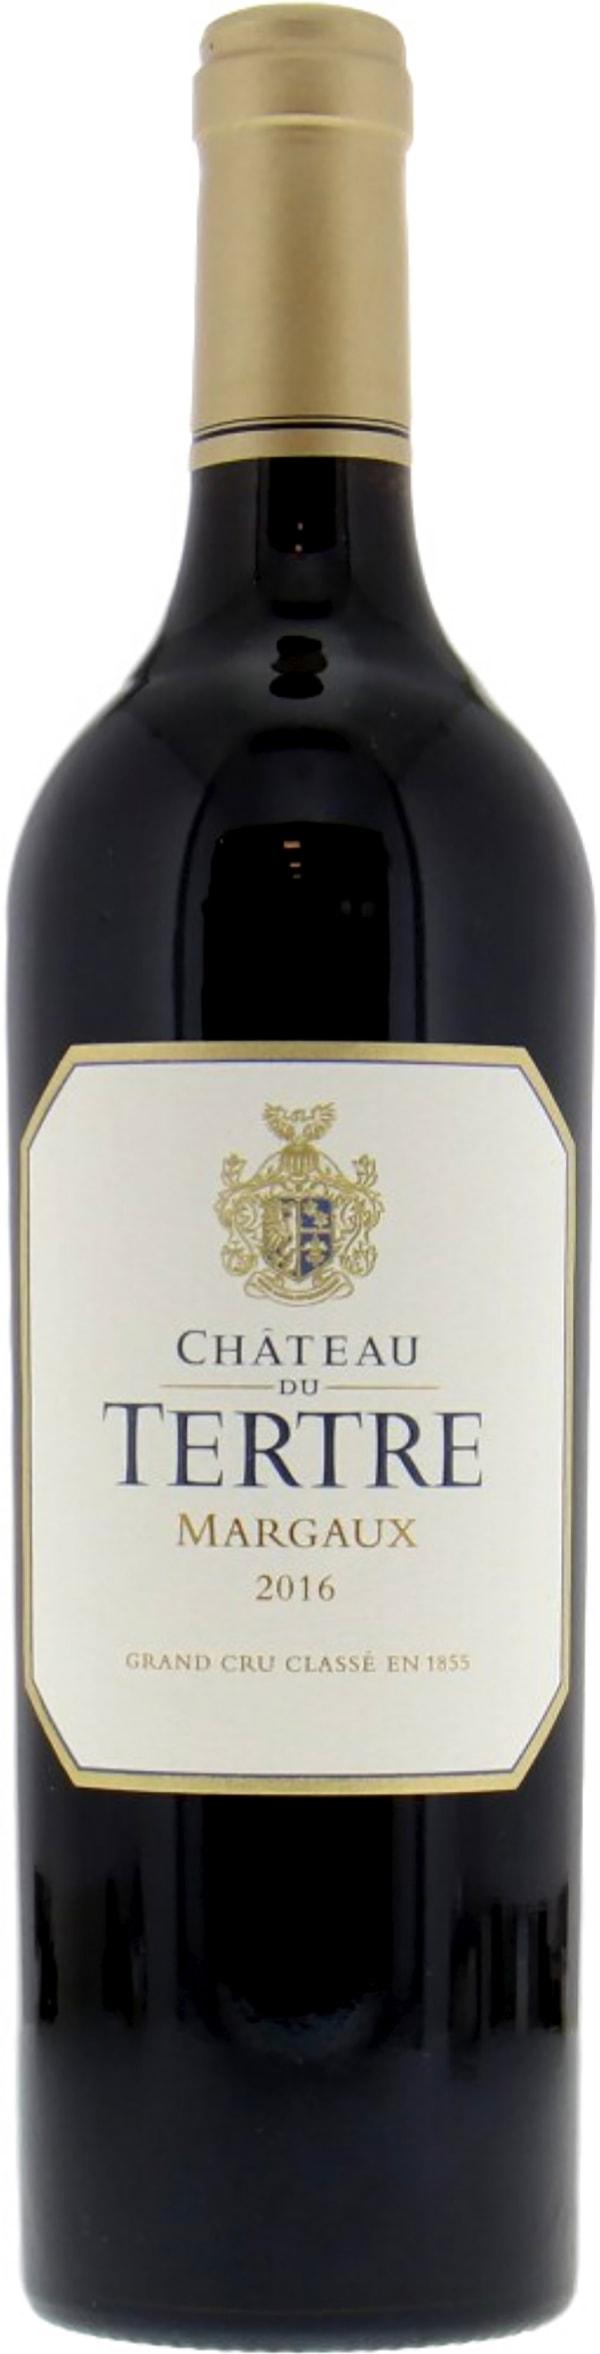 Château du Tertre 2014